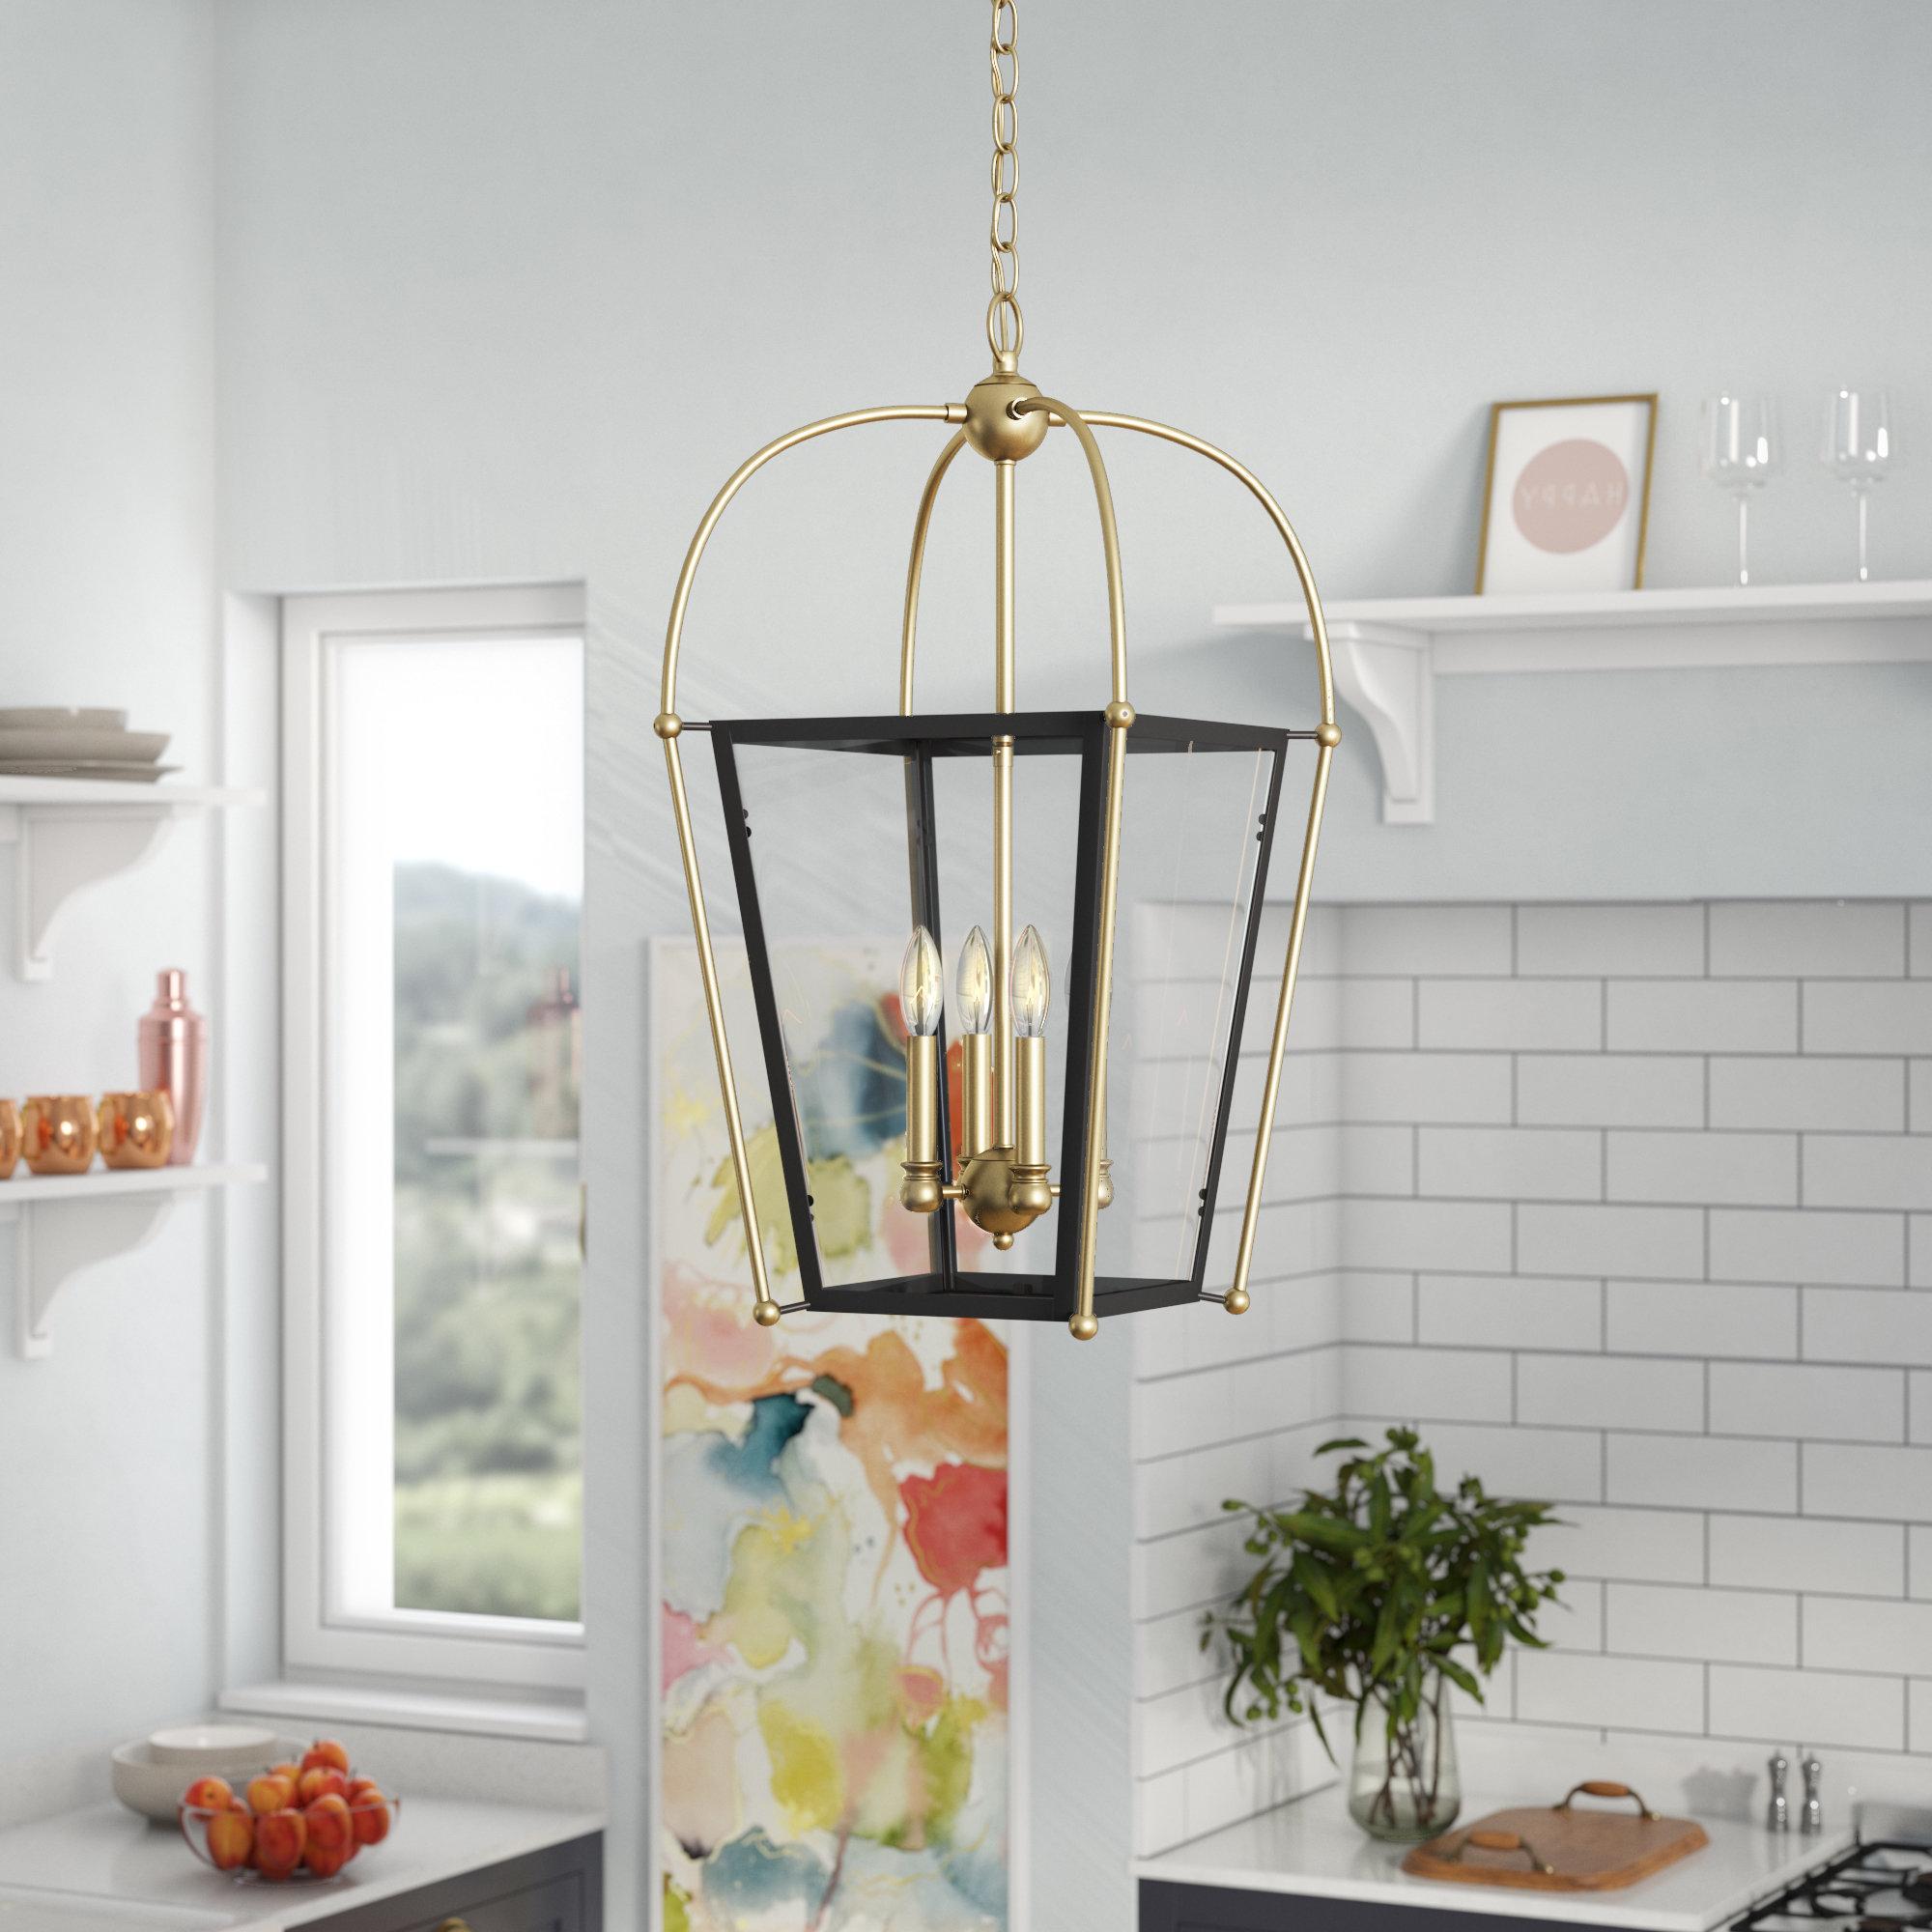 Trendy Hedstrom 4 Light Foyer Lantern Pendant In Finnick 4 Light Foyer Pendants (View 18 of 20)